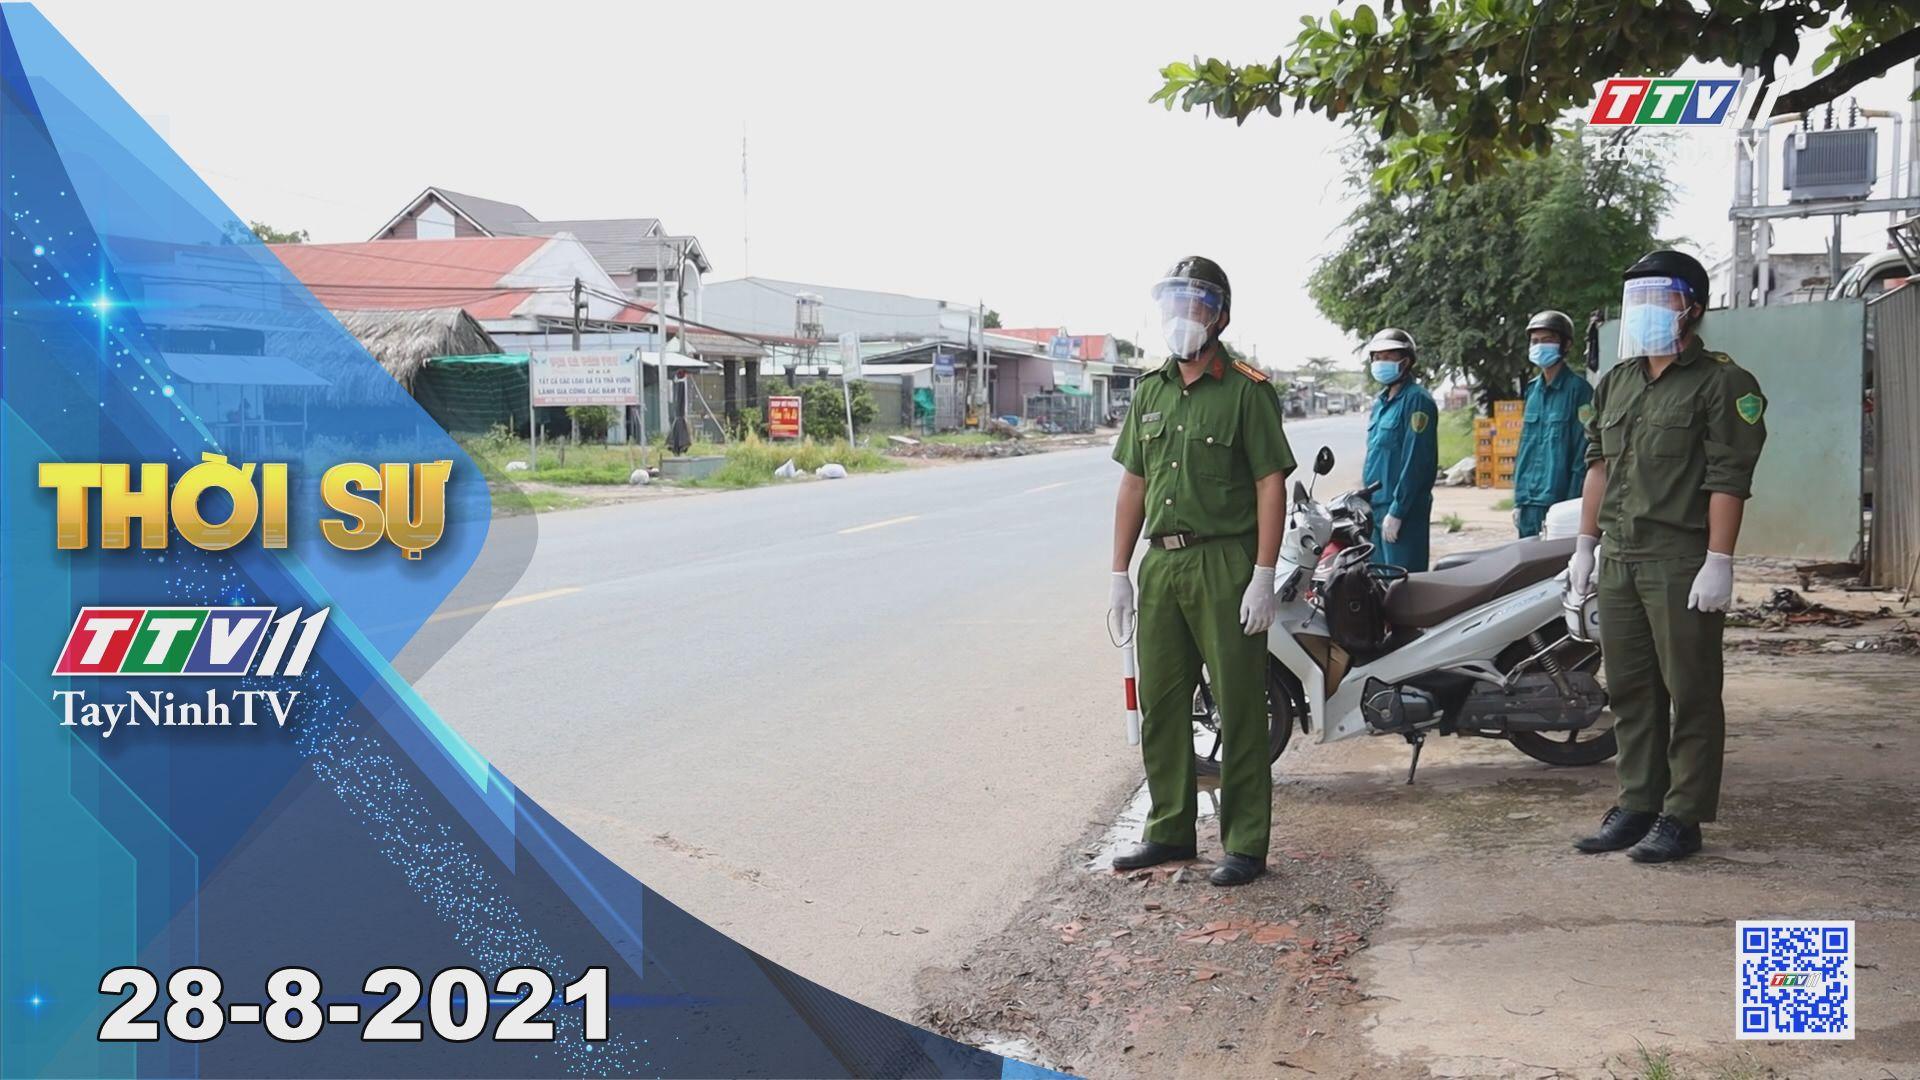 Thời sự Tây Ninh 28-8-2021   Tin tức hôm nay   TayNinhTV